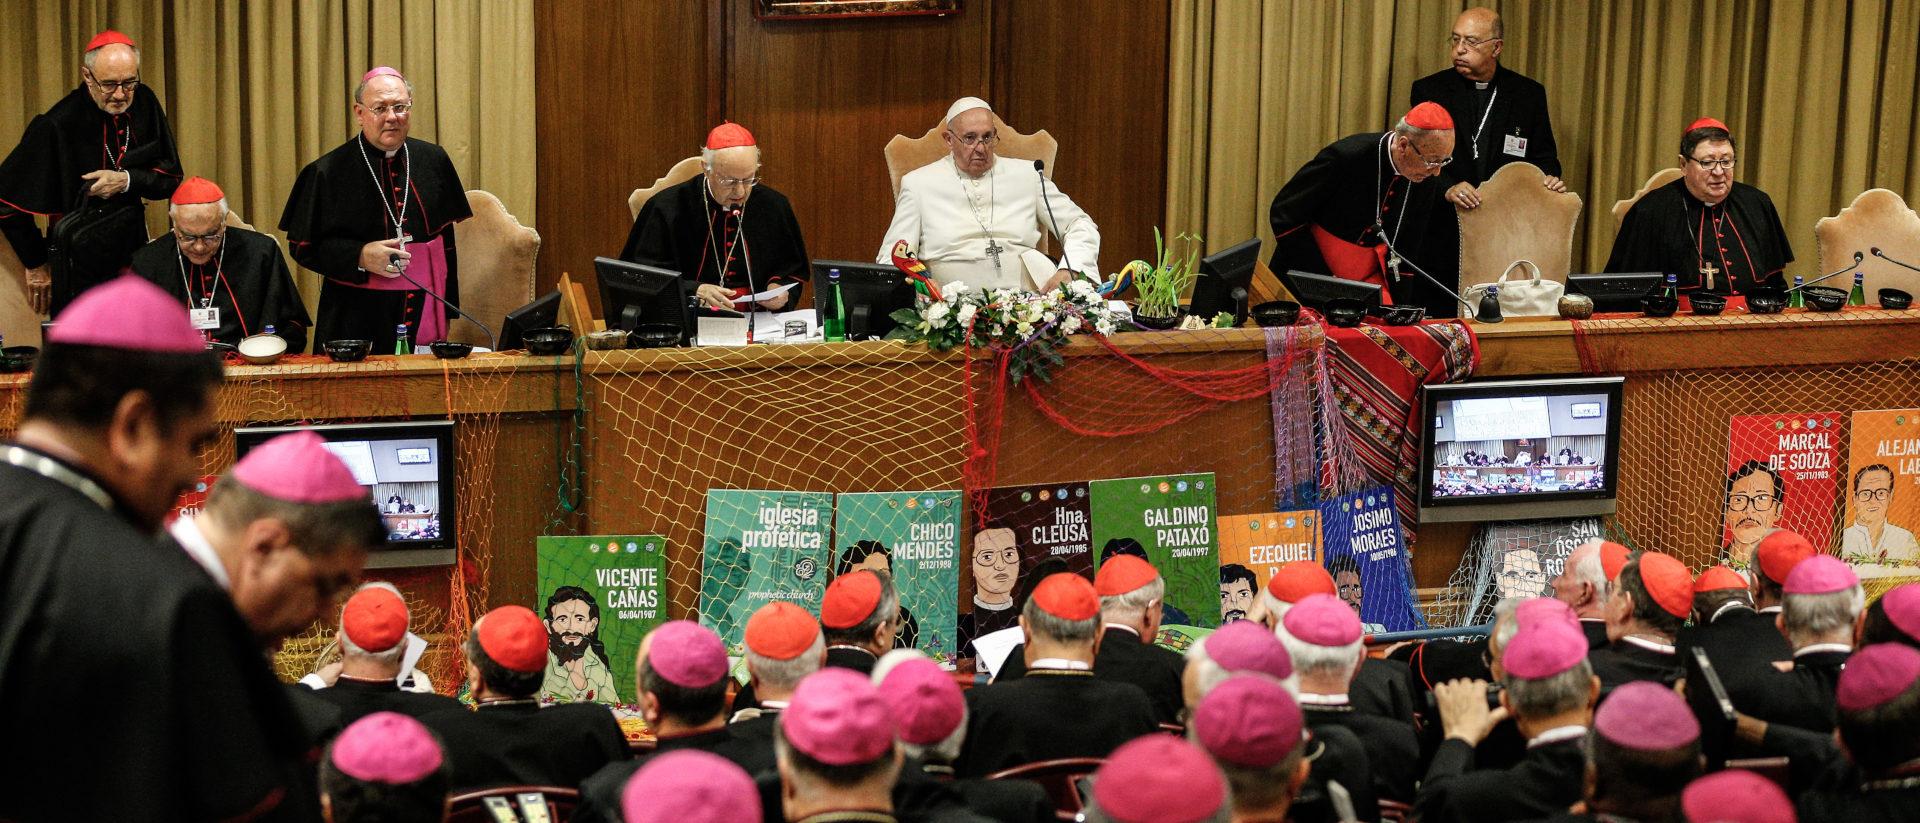 Papst Franziskus und Synodenteilnehmer in der Synodenaula.